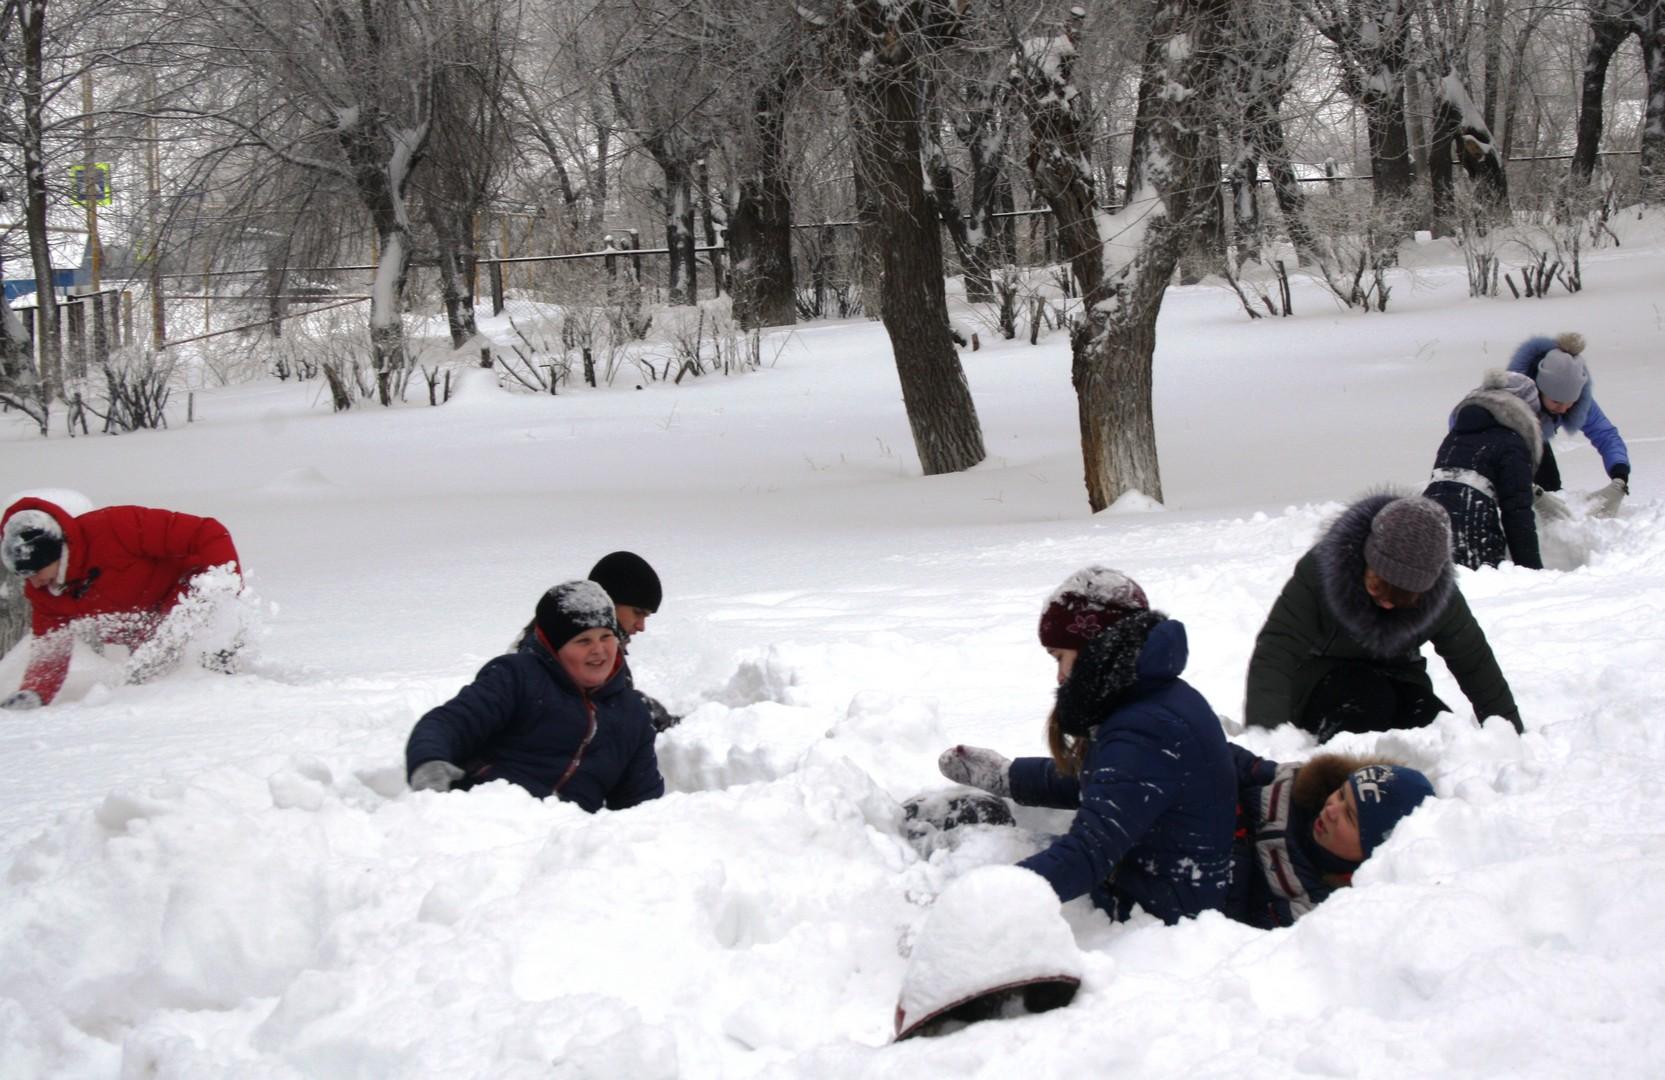 Итоги школьного этапа региональных соревнований зимней серии военно-спортивной игры «Зарница» среди обучающихся 5 – 9 классов. 2